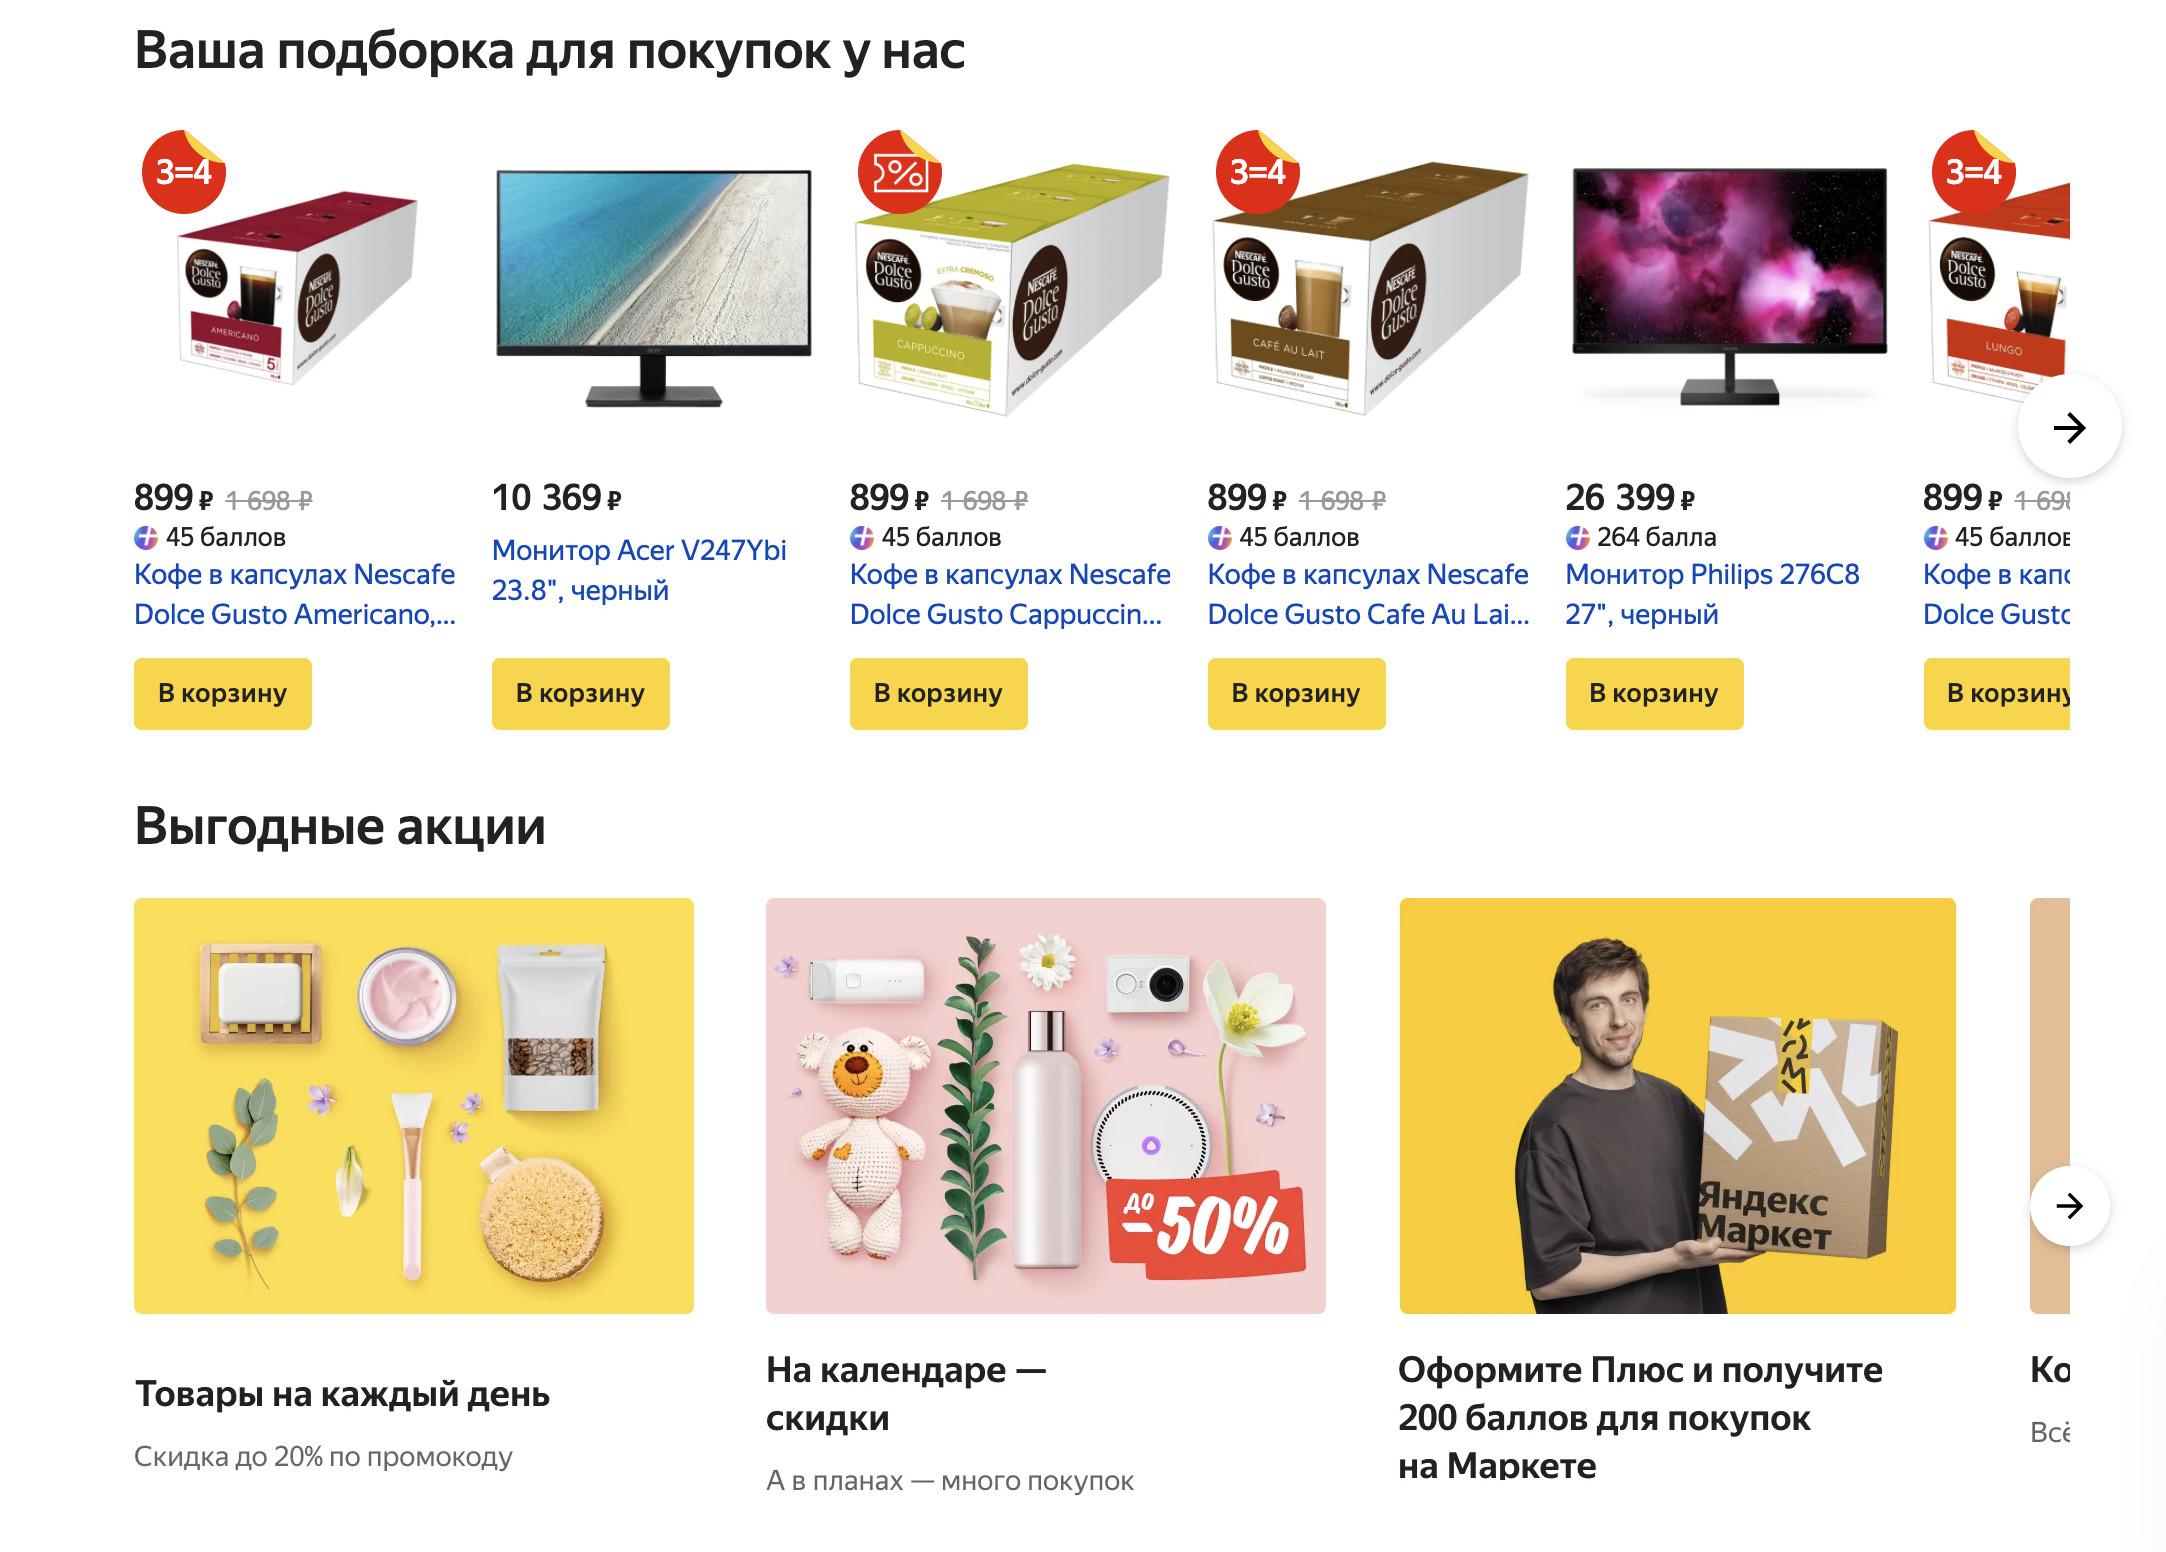 Доставка из Яндекс.Маркет в Канск, сроки, пункты выдачи, каталог